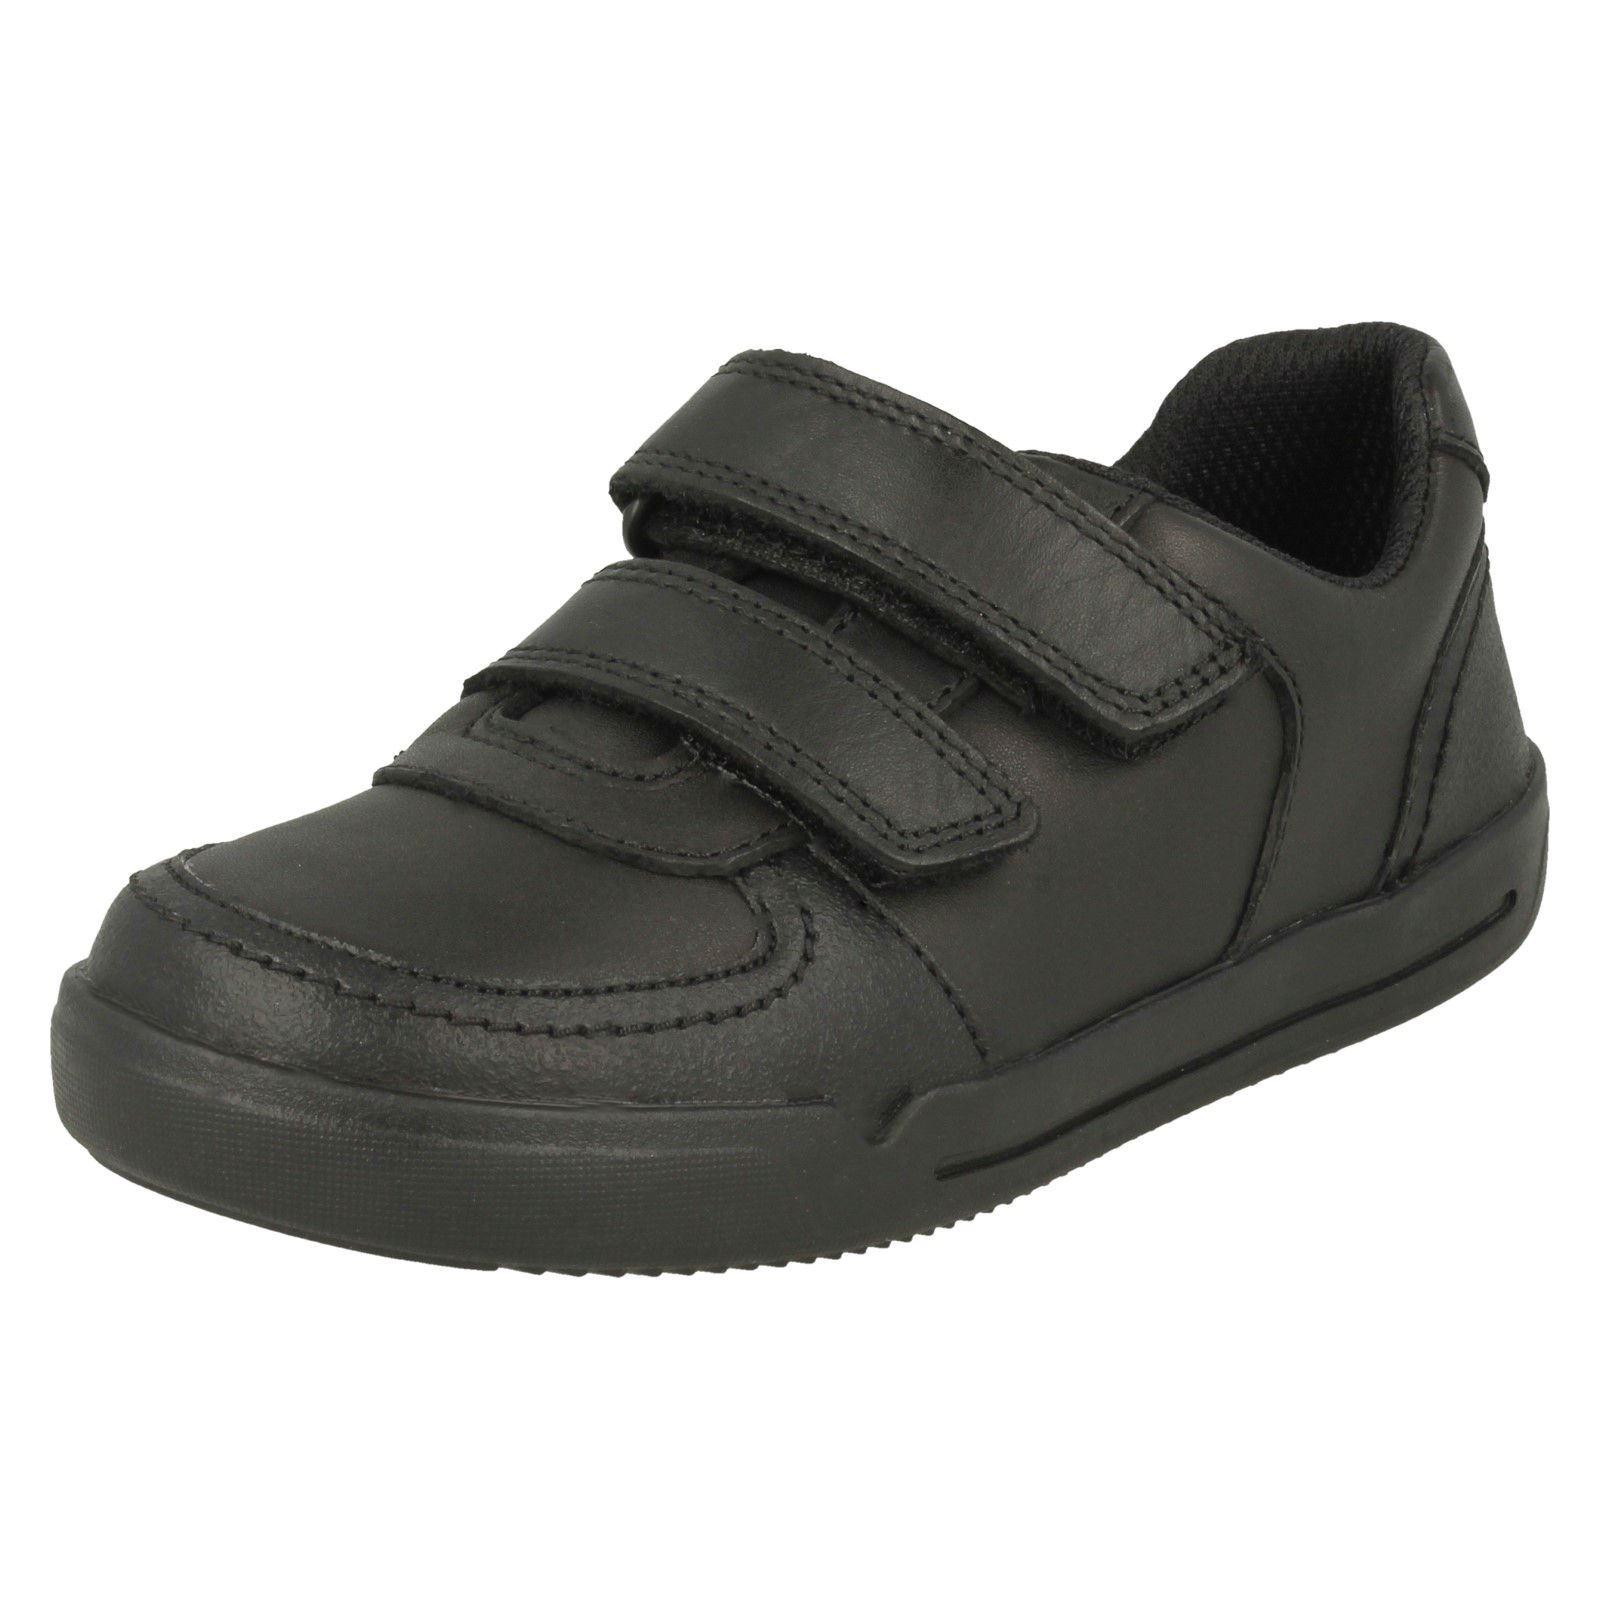 Clarks Boys Hook \u0026 Loop School Shoes